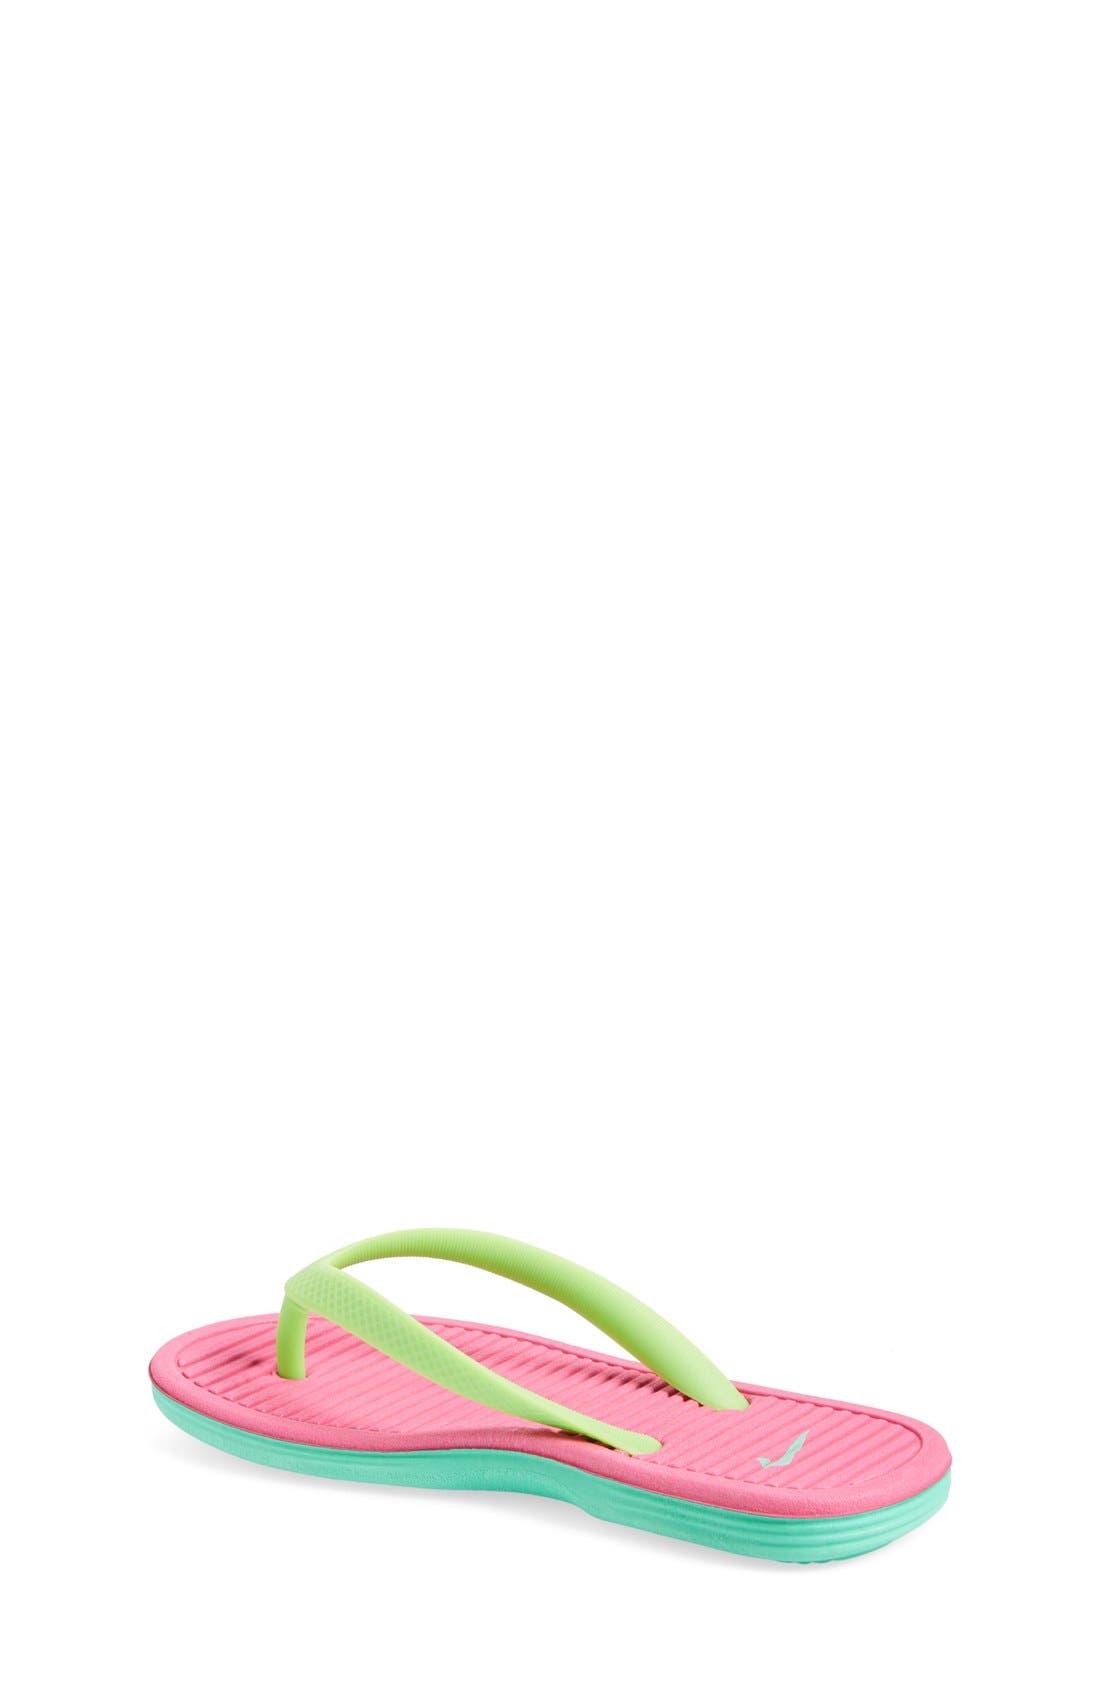 Alternate Image 2  - Nike 'SolarSoft 2' Sandal (Toddler, Little Kid & Big Kid)